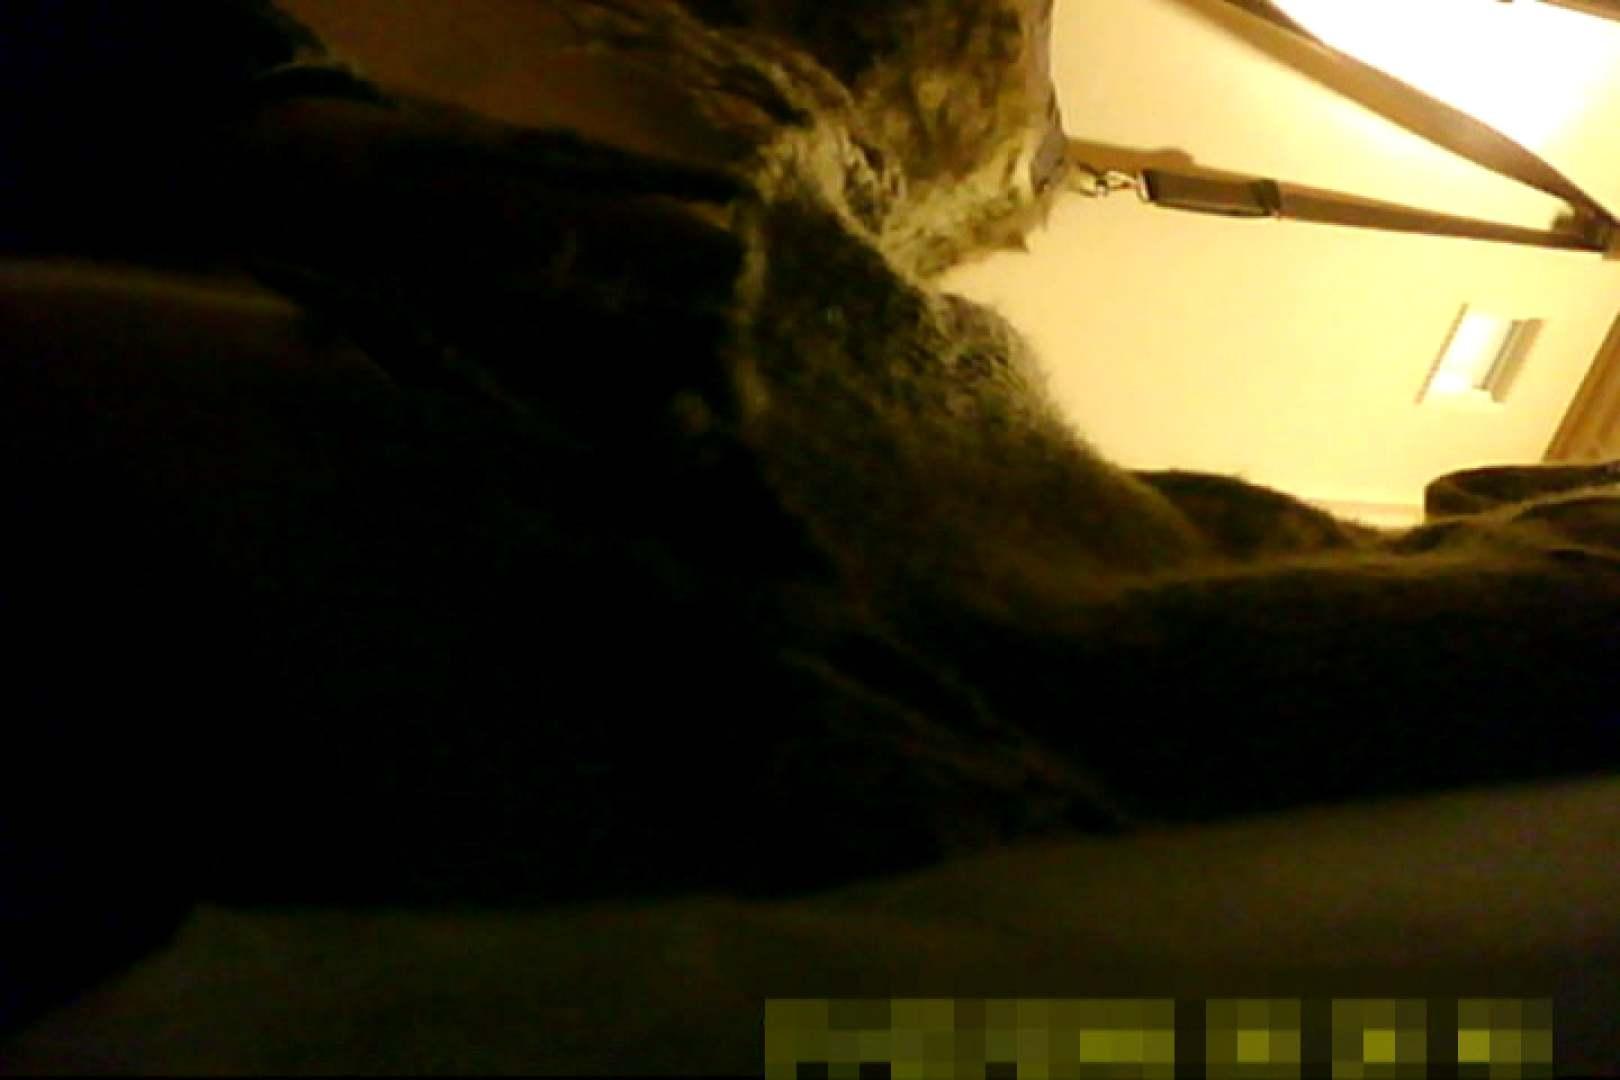 魅惑の化粧室~禁断のプライベート空間~vol.8 エッチな熟女 | プライベート映像  103pic 57